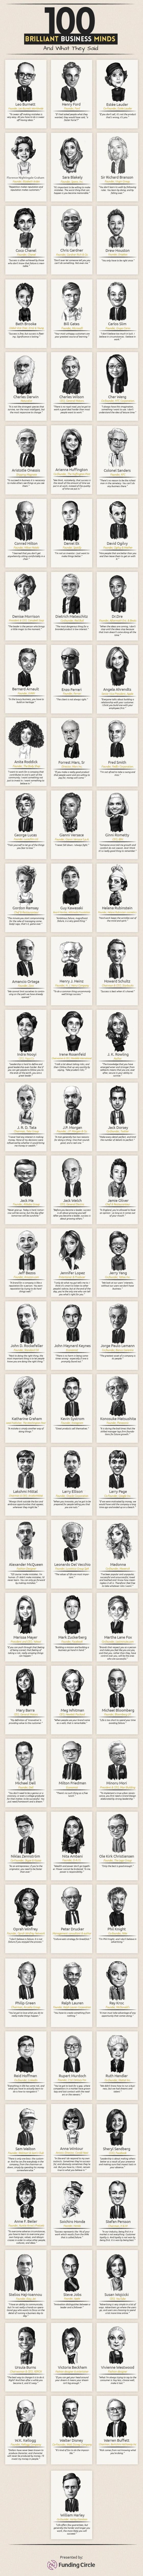 100 mentes empresariales brillantes y que dijeron